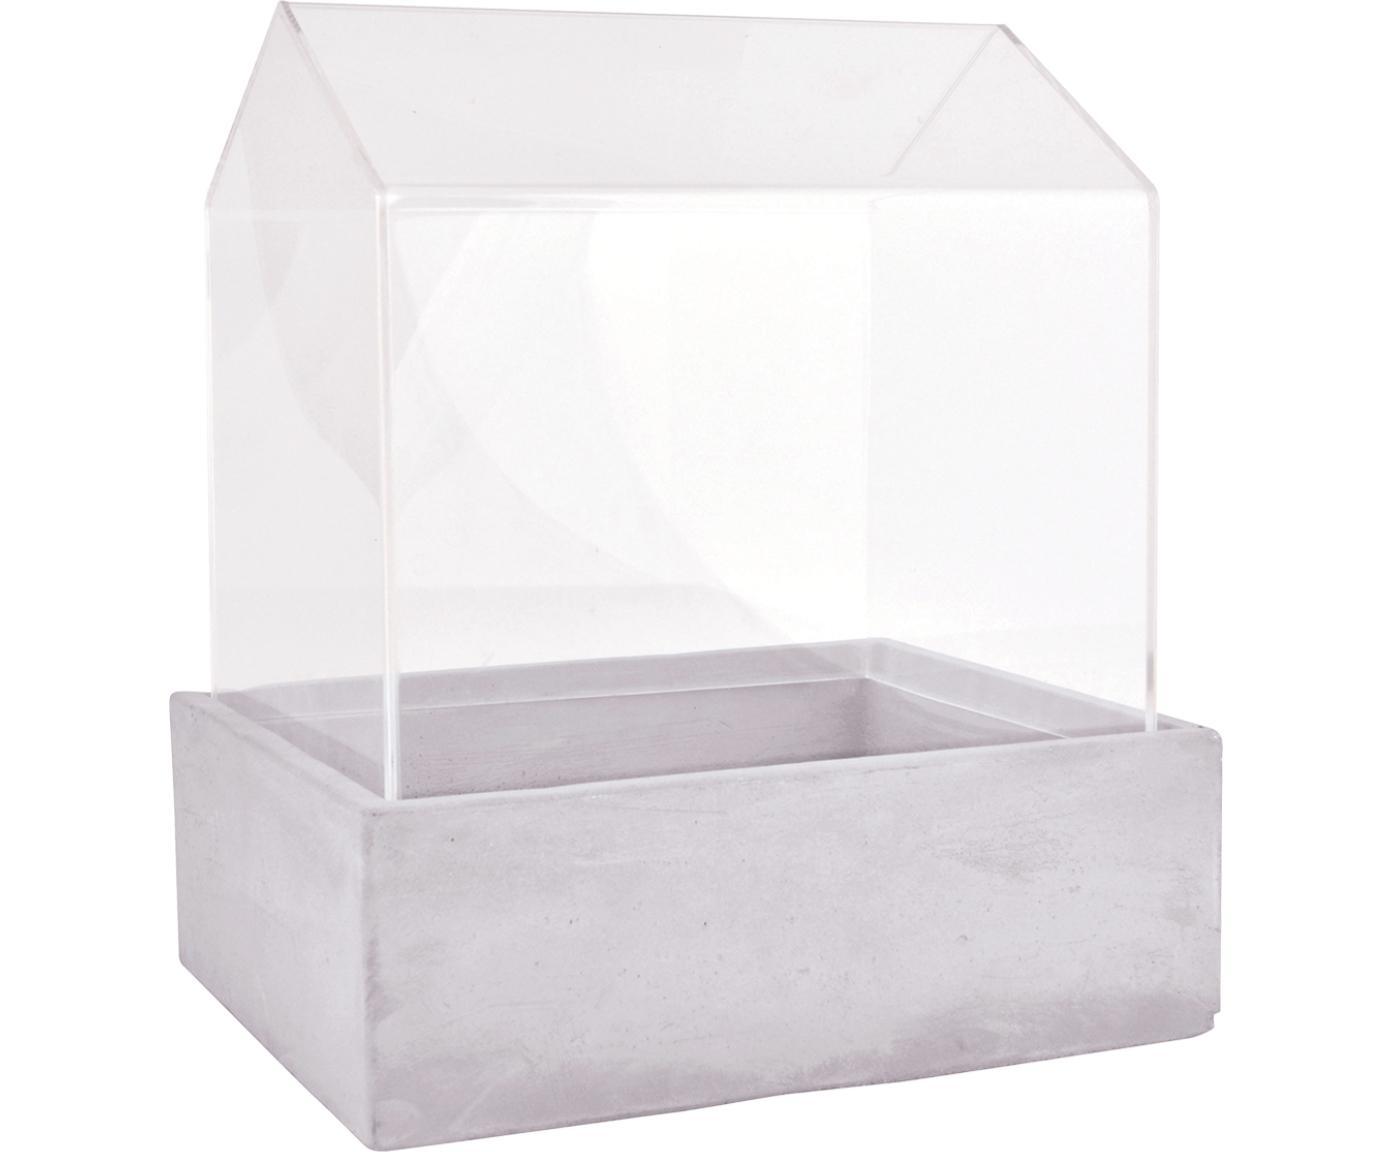 Szklarnia Budi, Szary, transparentny, S 24 x W 28 cm